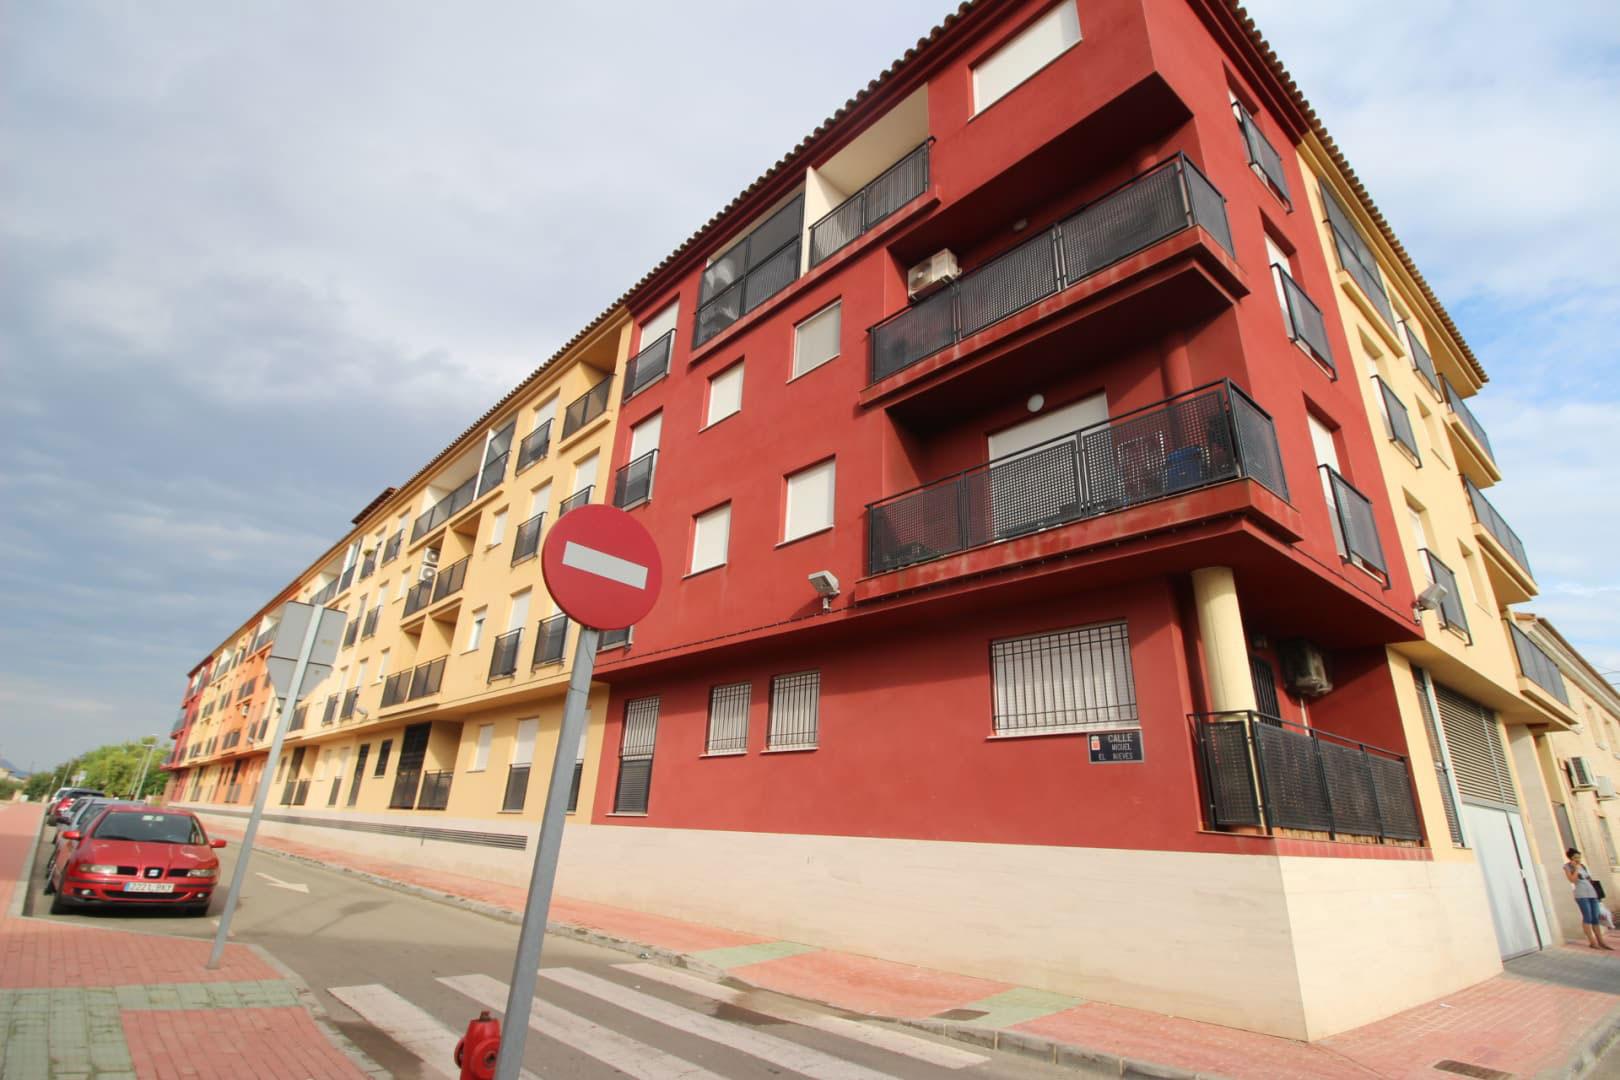 Piso en venta en Pedanía de El Raal, Murcia, Murcia, Calle Miguel de la Nieves, 103.800 €, 4 habitaciones, 2 baños, 131 m2